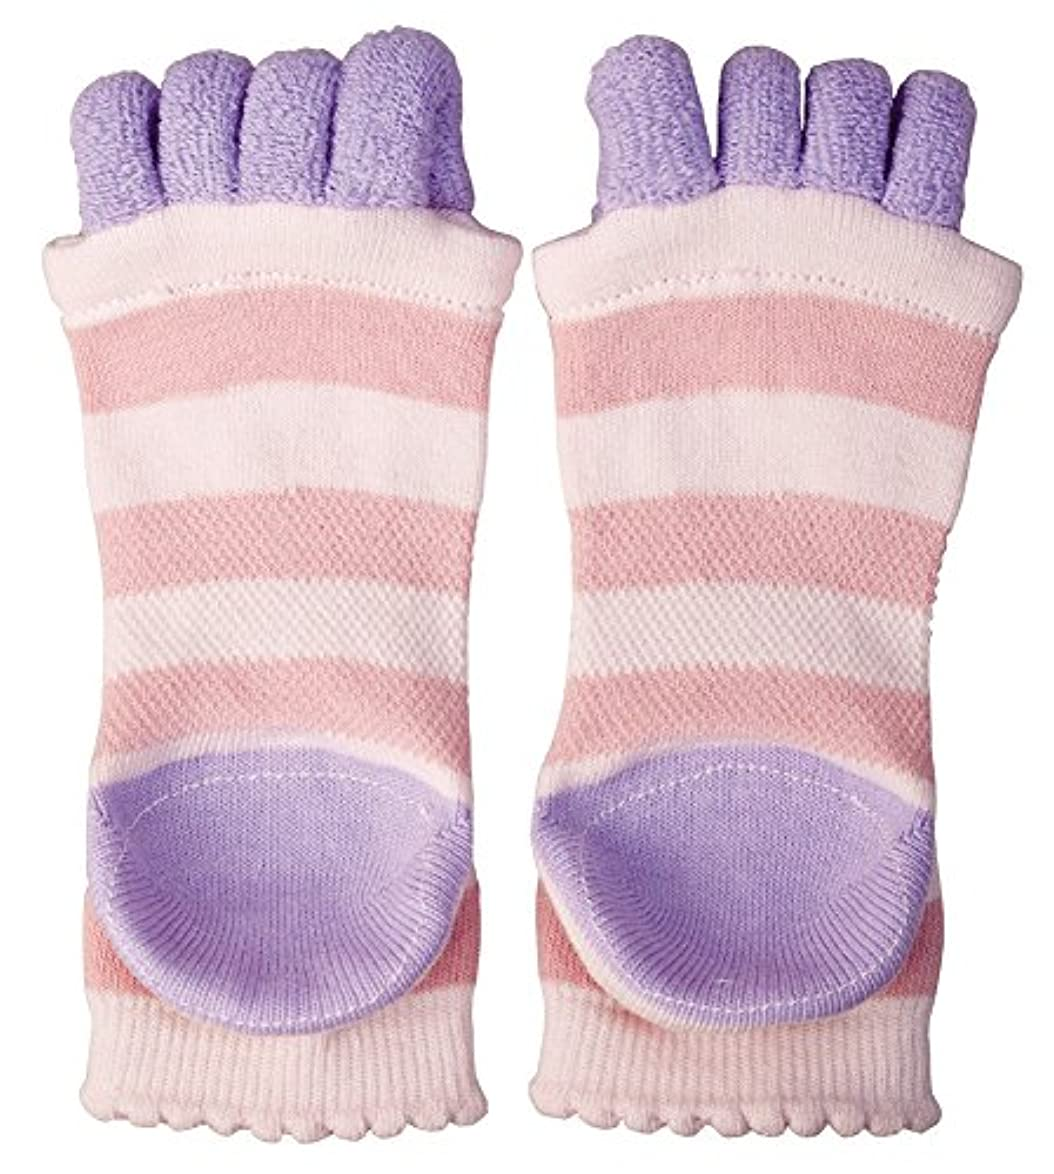 ショッキング急速な応答眠れる森の5本指 かかとソックス リラックス/靴下/ケア ピンク?AP-617105